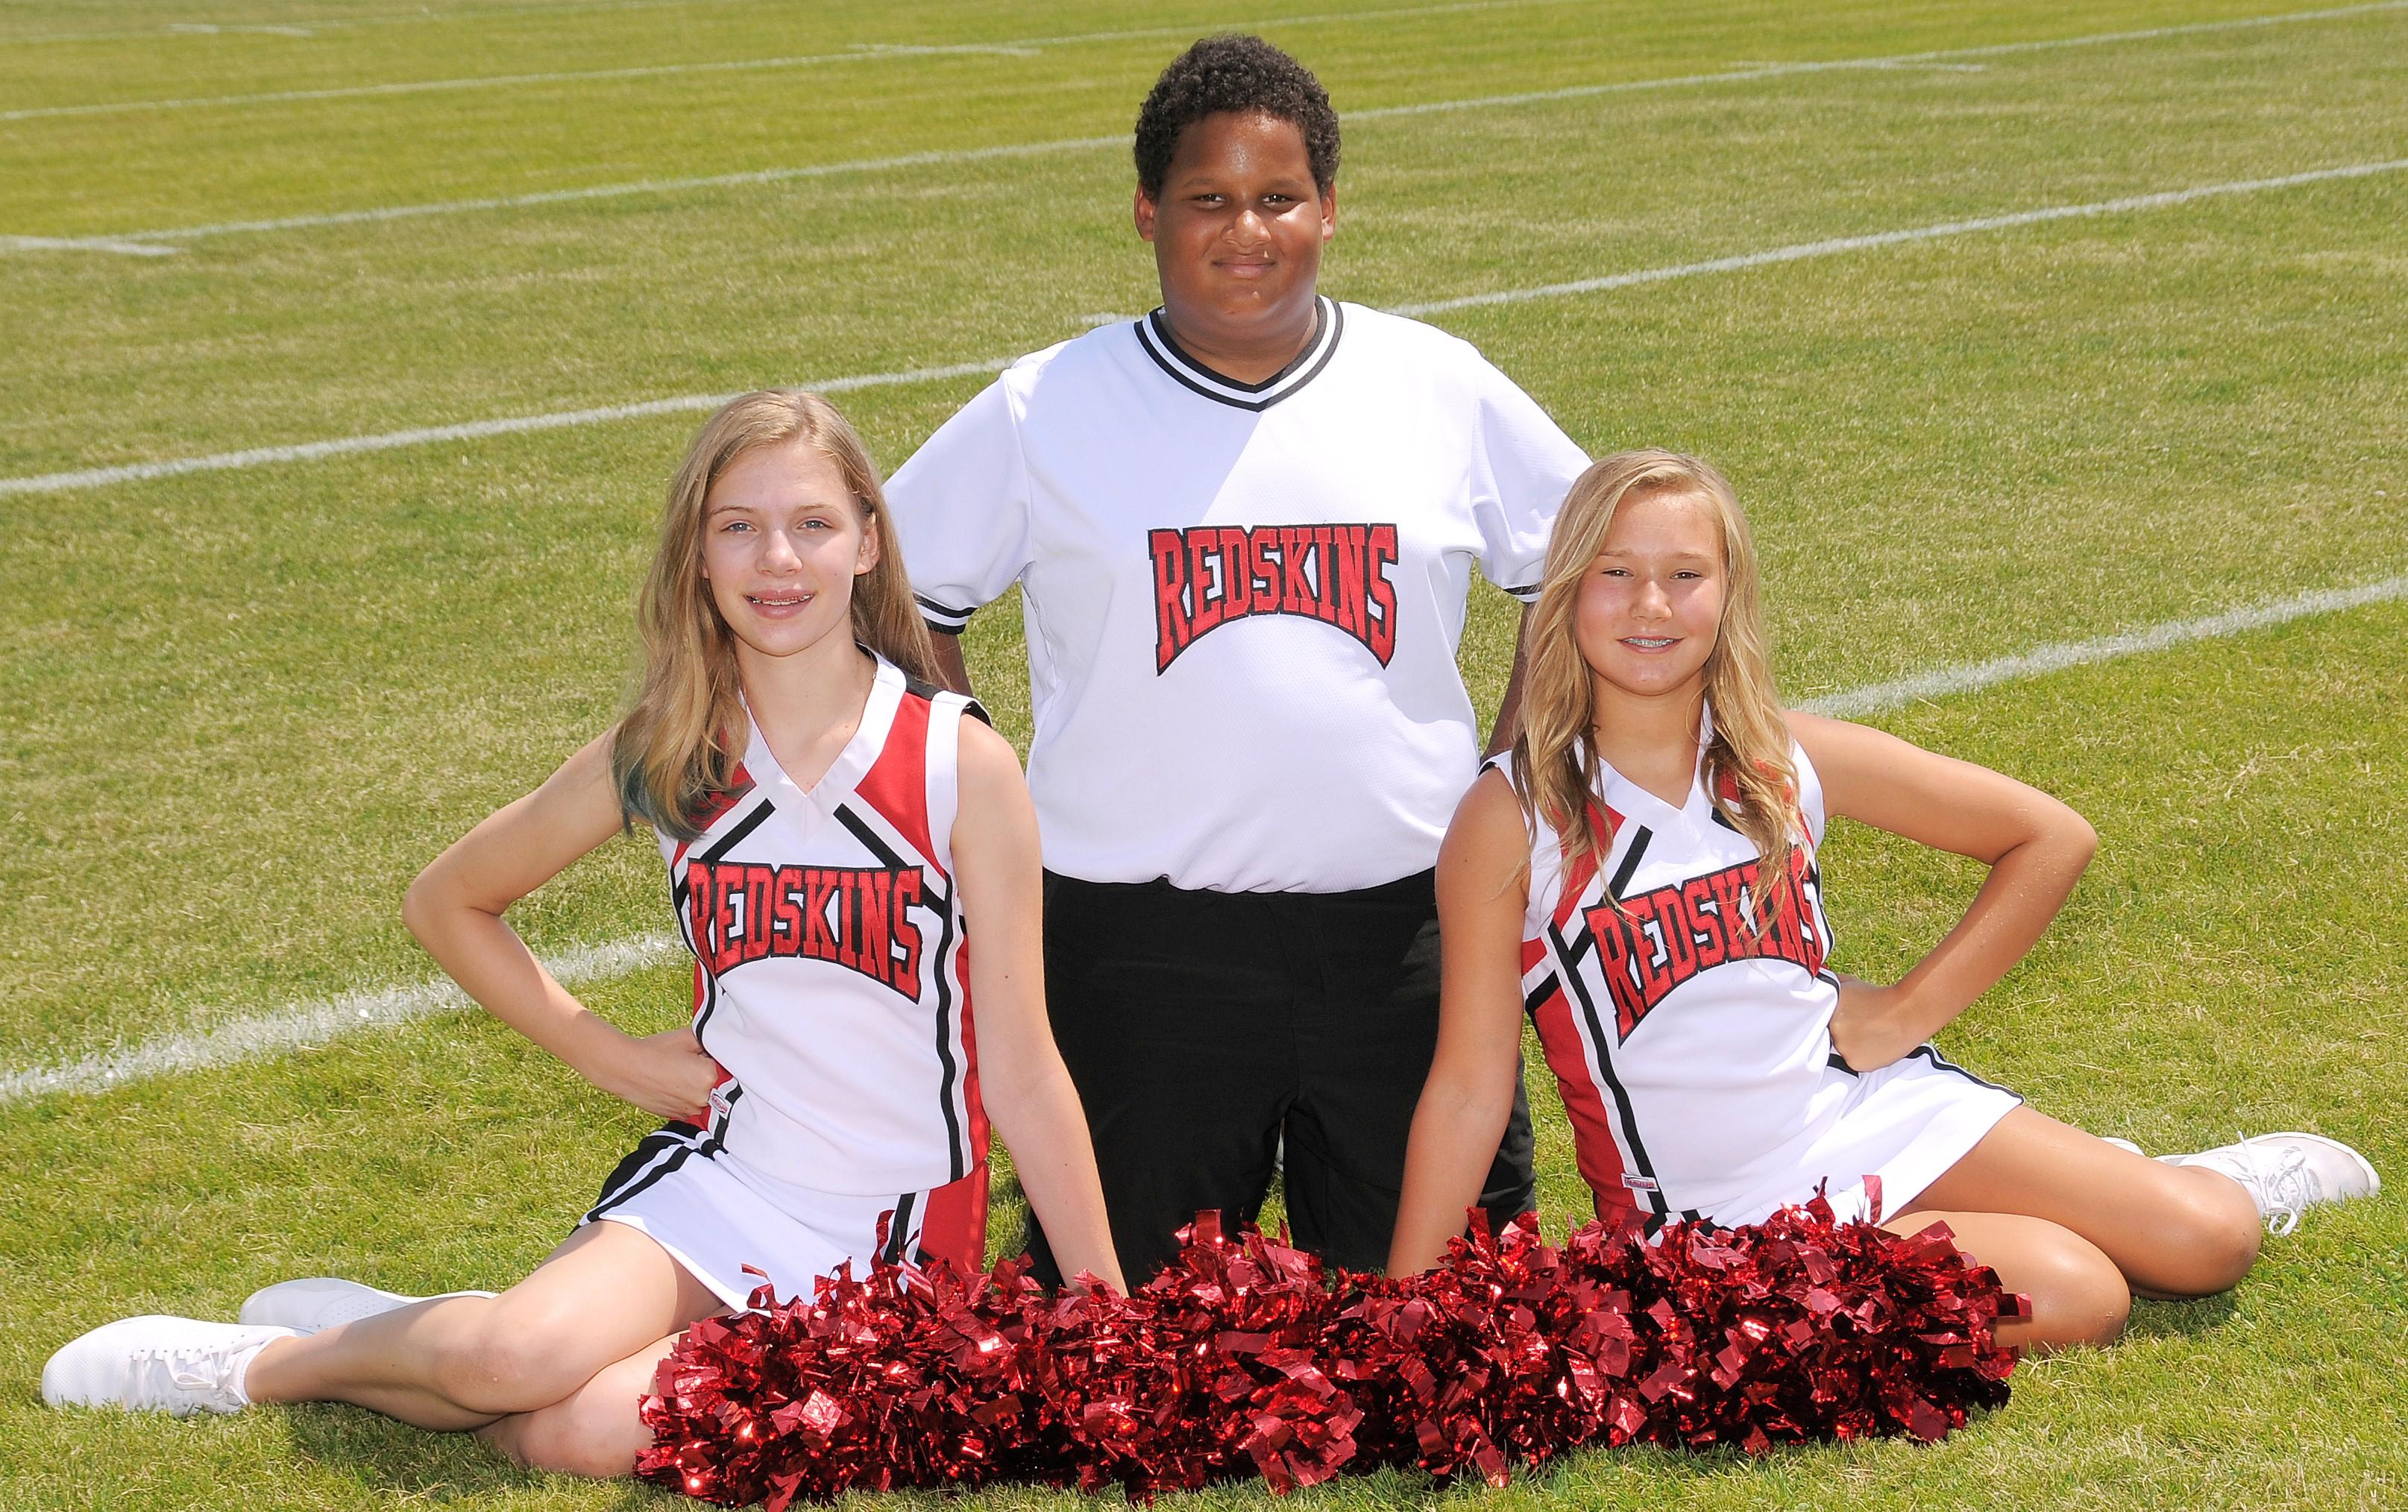 2021 Arcadia Redskins Middle School Football Cheerleaders Squad Photo